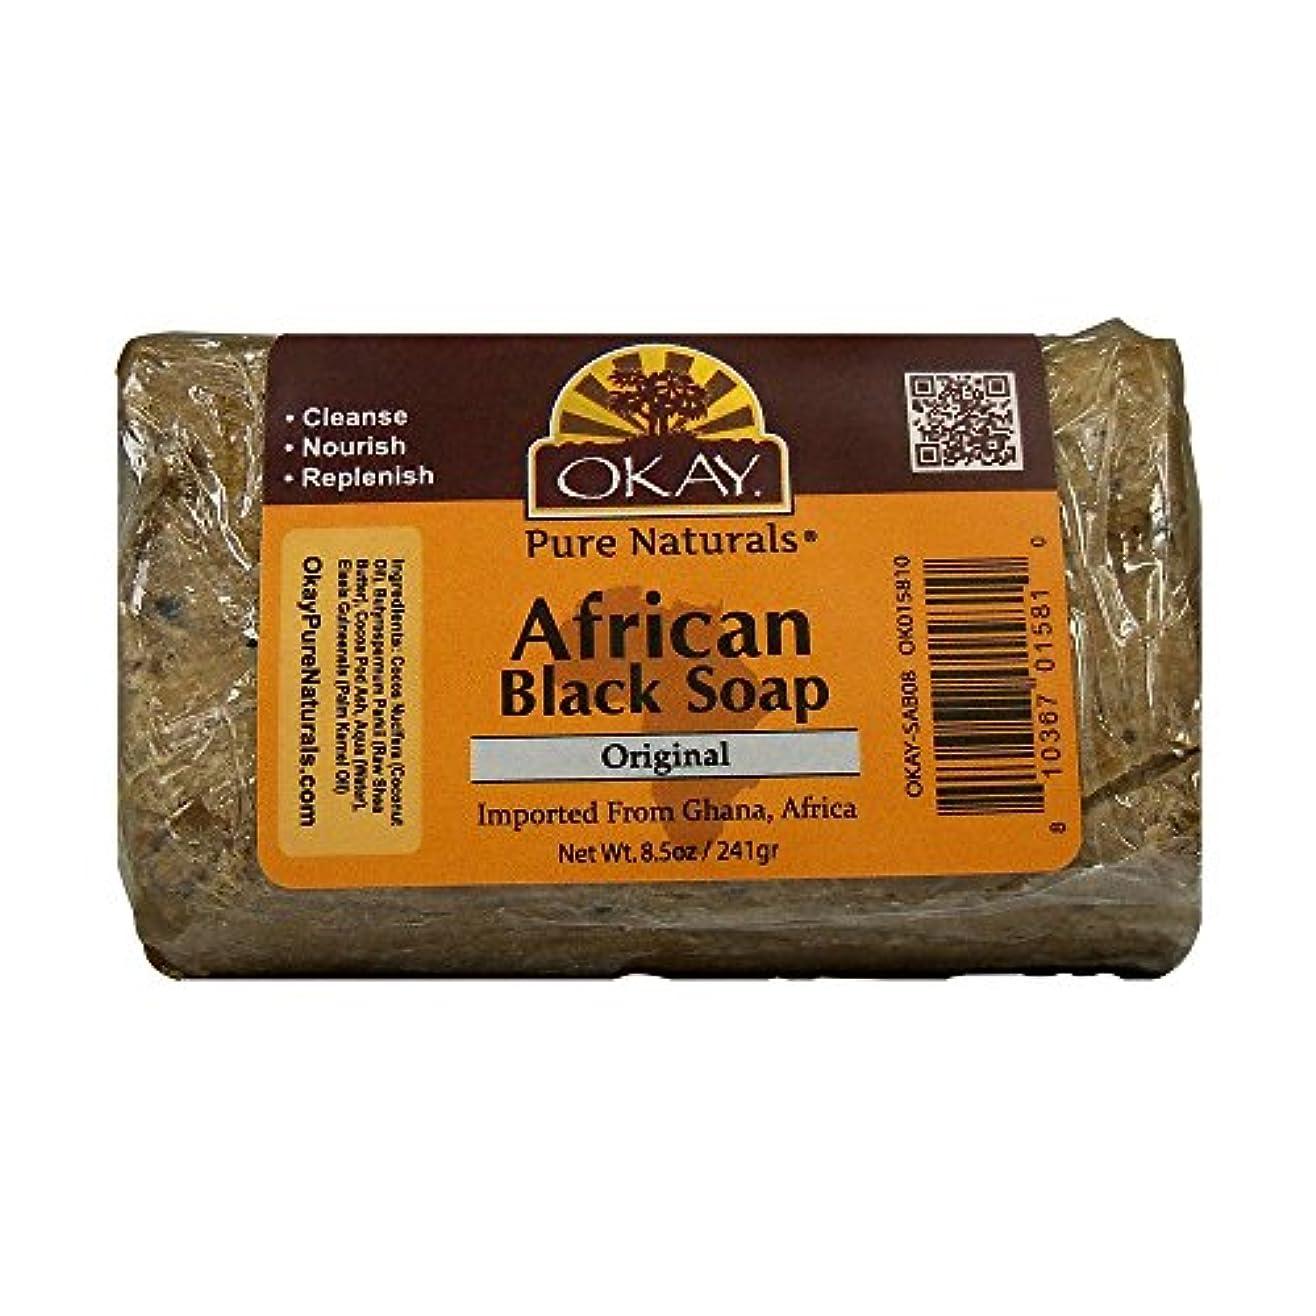 混乱させるドキュメンタリービットOkay アフリカソープ、ブラック、8オンス 1パック